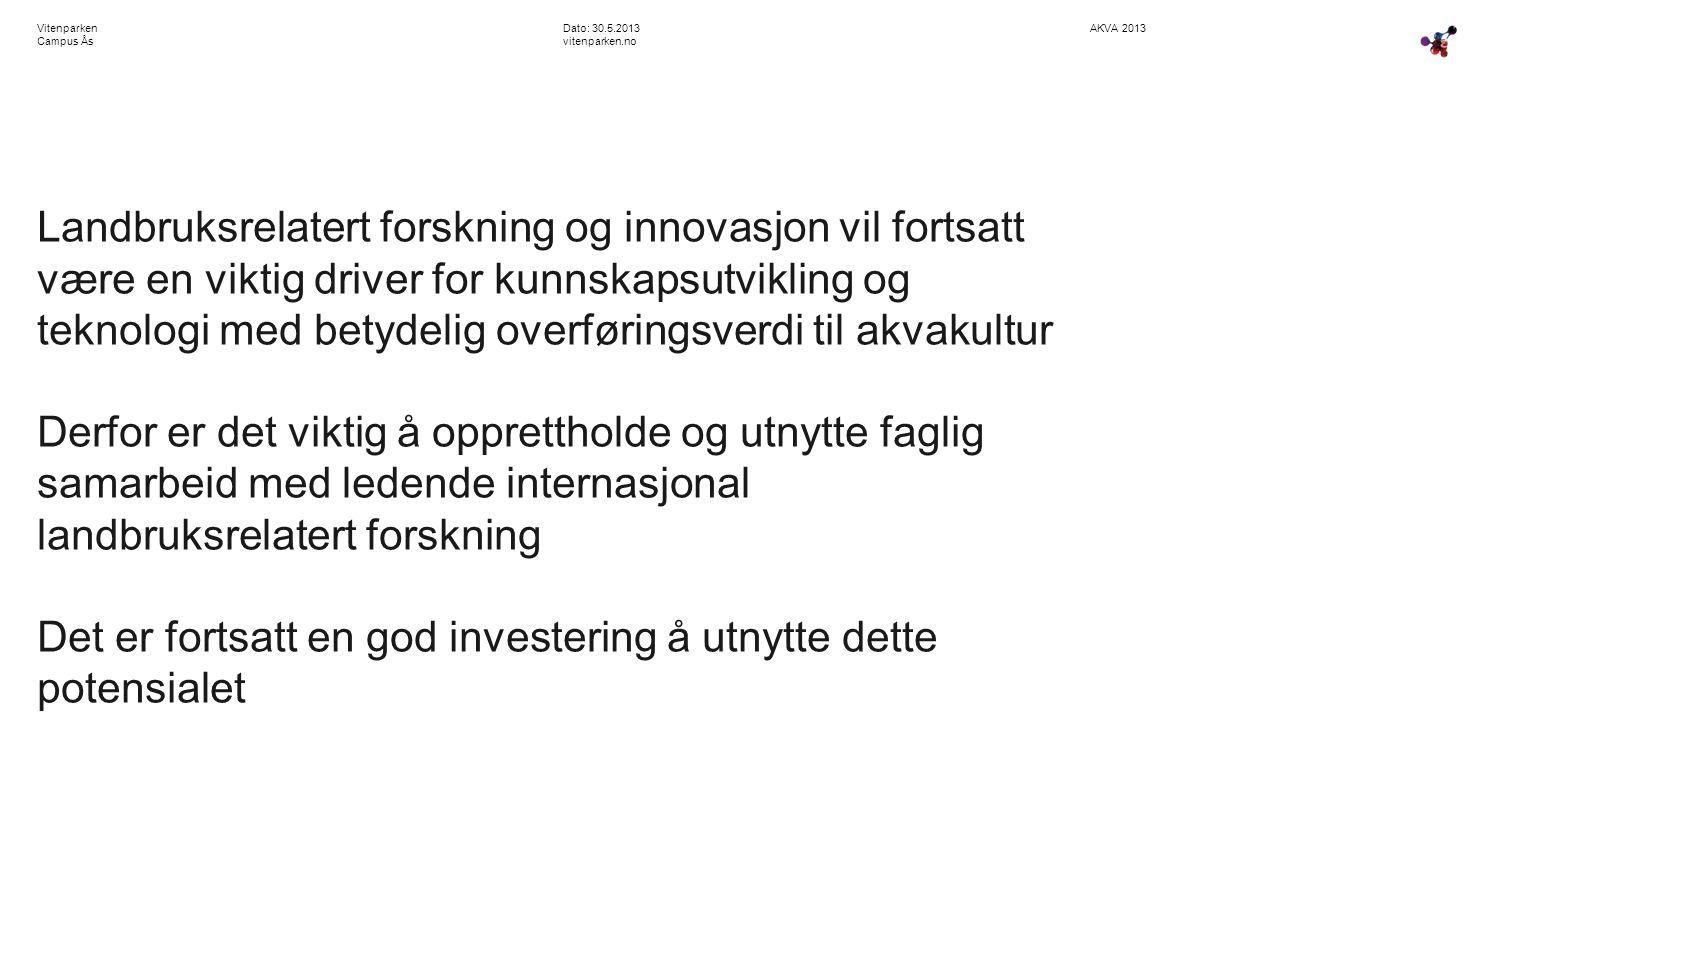 AKVA 2013Dato: 30.5.2013 vitenparken.no Vitenparken Campus Ås Landbruksrelatert forskning og innovasjon vil fortsatt være en viktig driver for kunnska